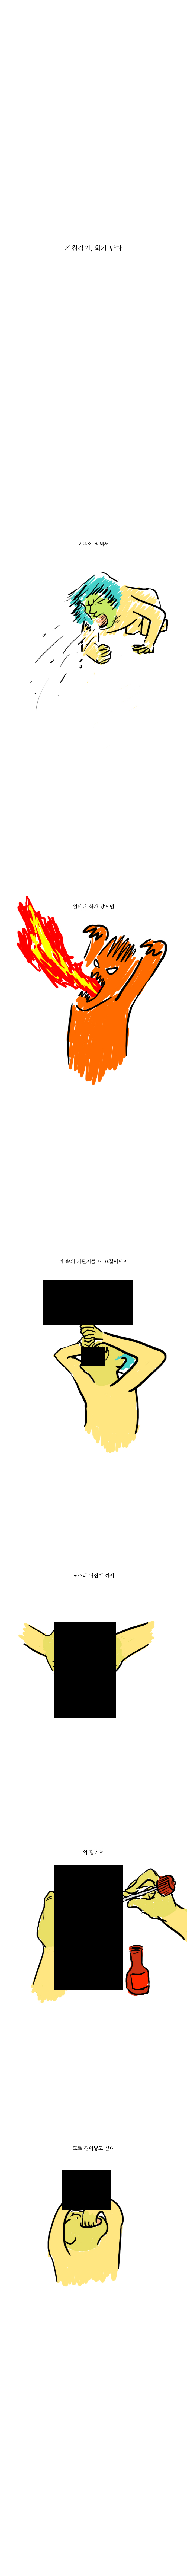 17-6 '기침감기, 화가 난다'